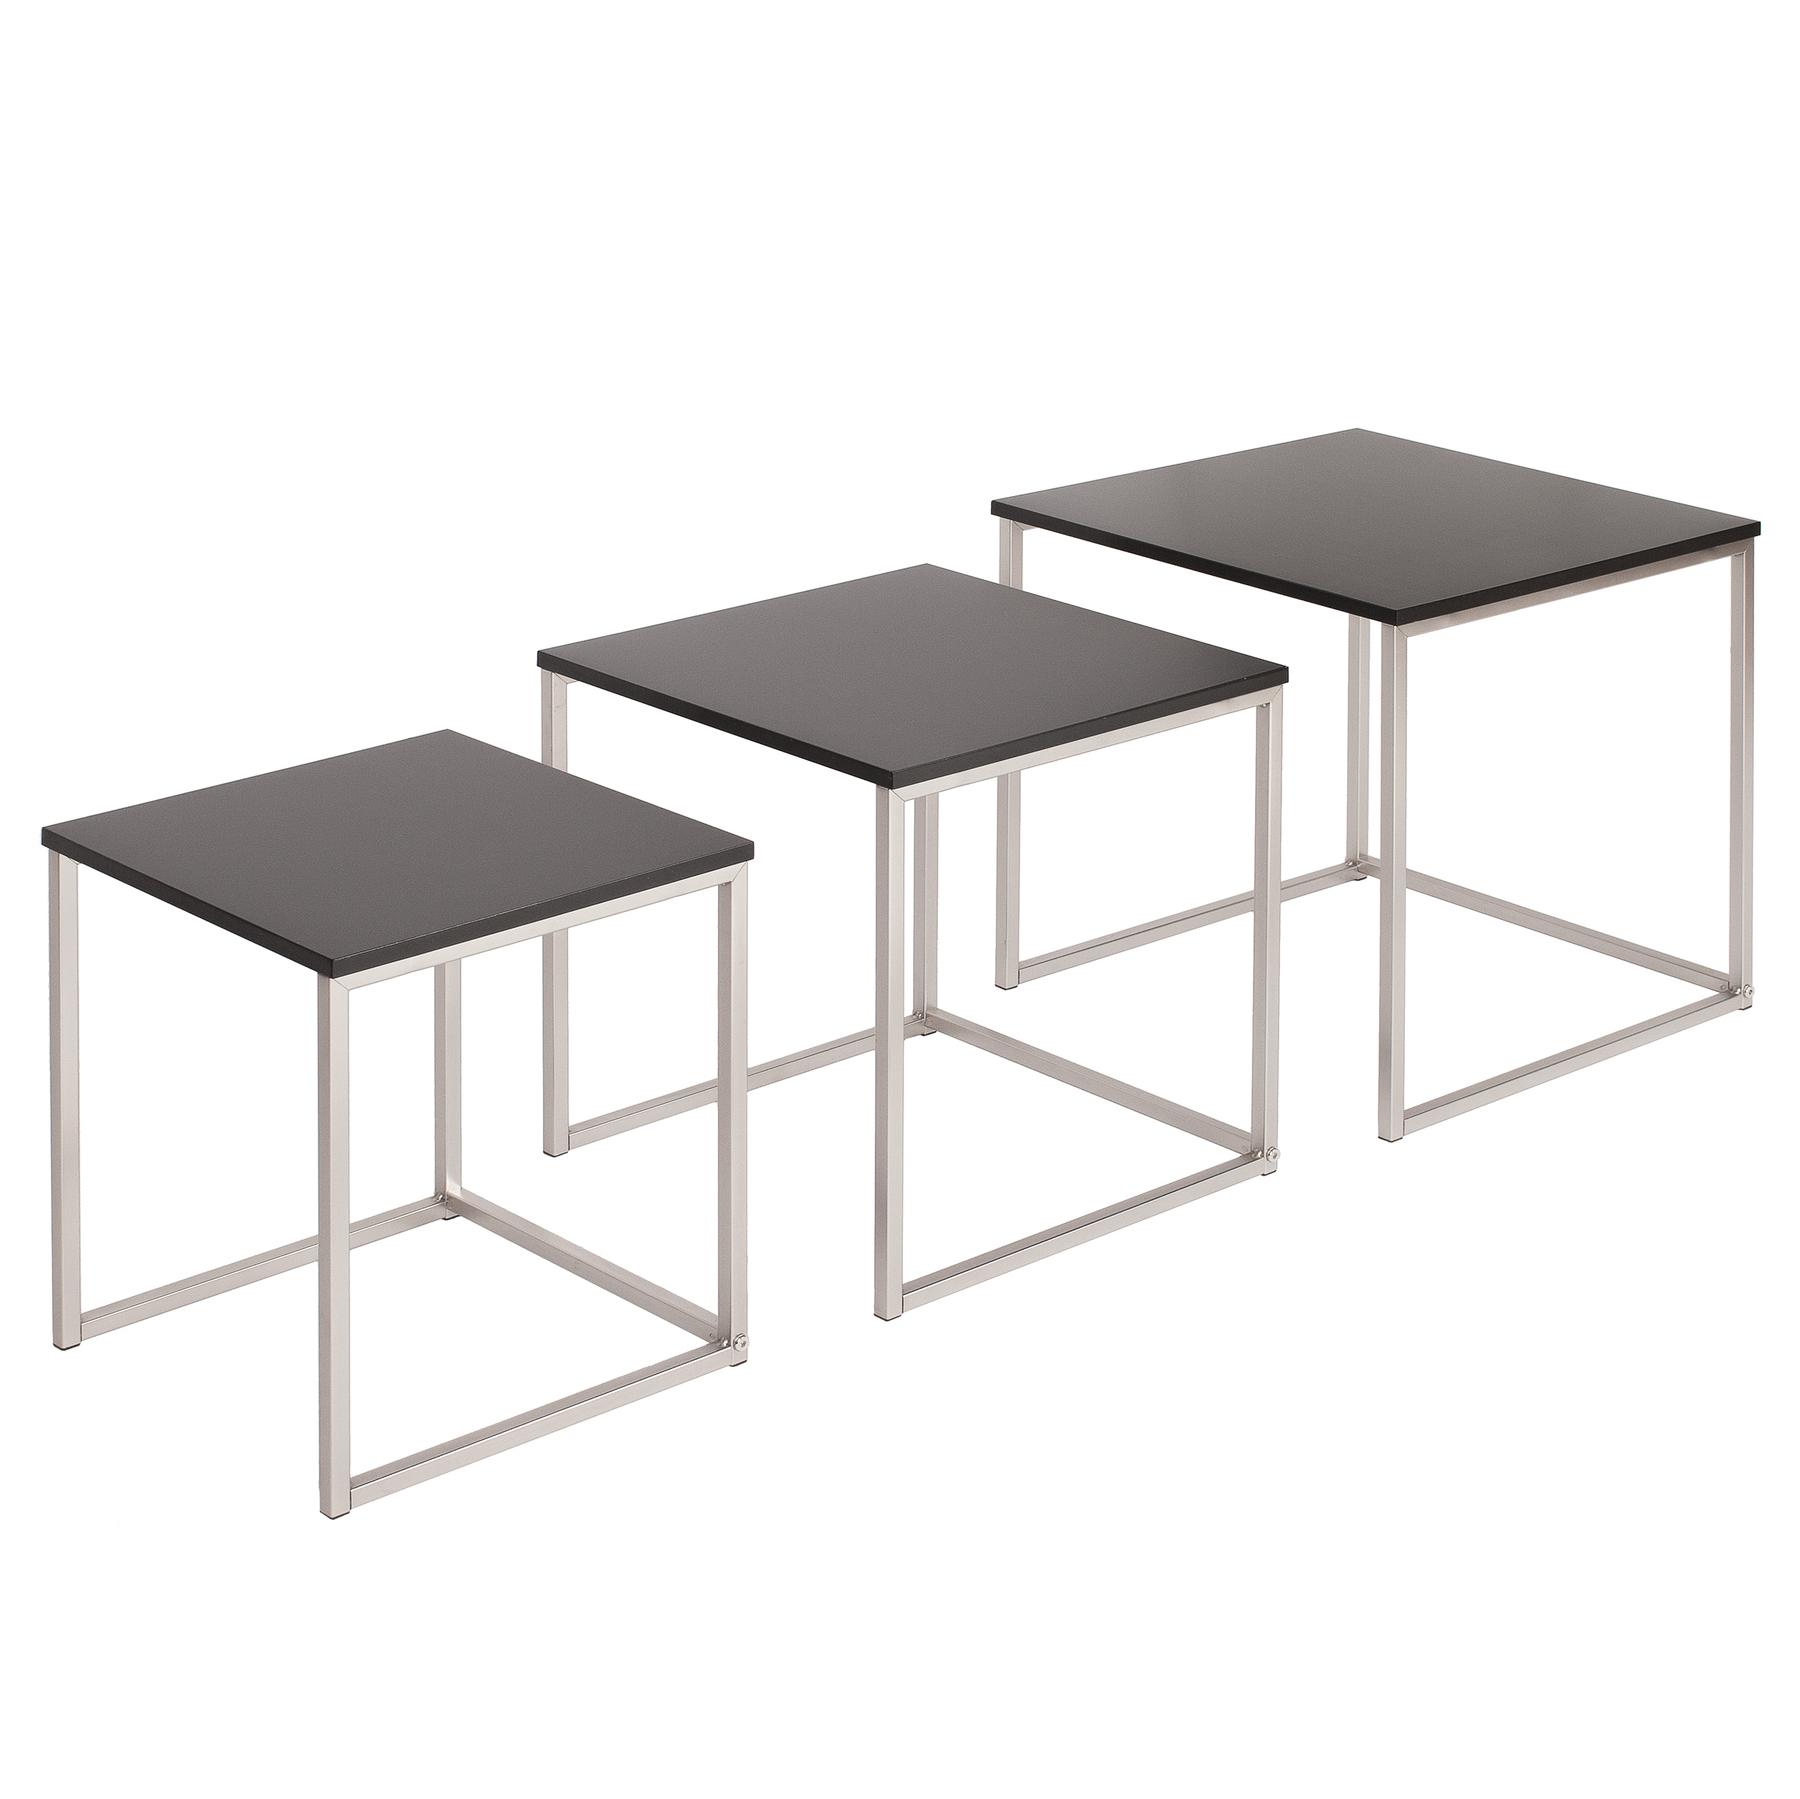 Design Beistelltisch 12er Set ELEMENTS matt schwarz Edelstahl gebürstet  Couchtisch Satztische Tischset Sofatisch